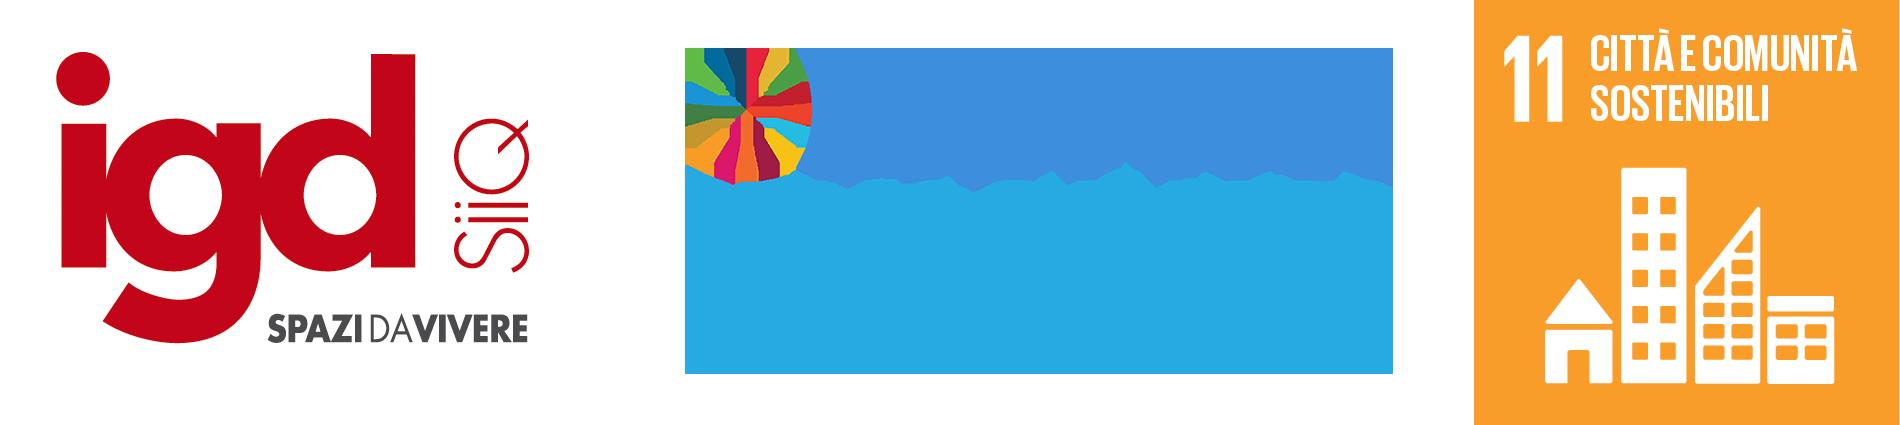 SDG_LOGO_it_11